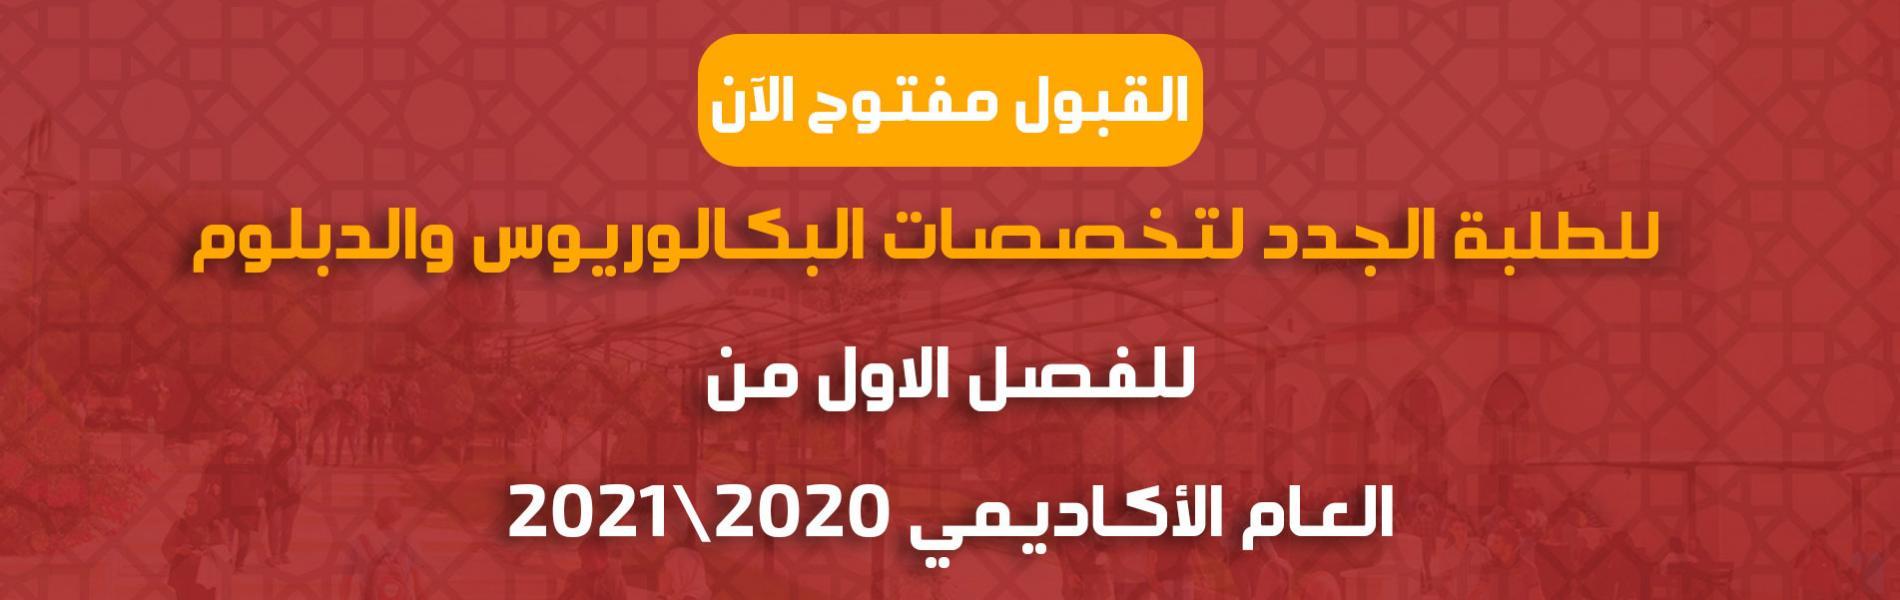 إعلان بدء قبول طلبات الالتحاق لدرجة البكالوريوس والدبلوم المتوسط ودبلوم التأهيل التربوي للفصل الدراسي الأول من العام الأكاديمي 2020\2021